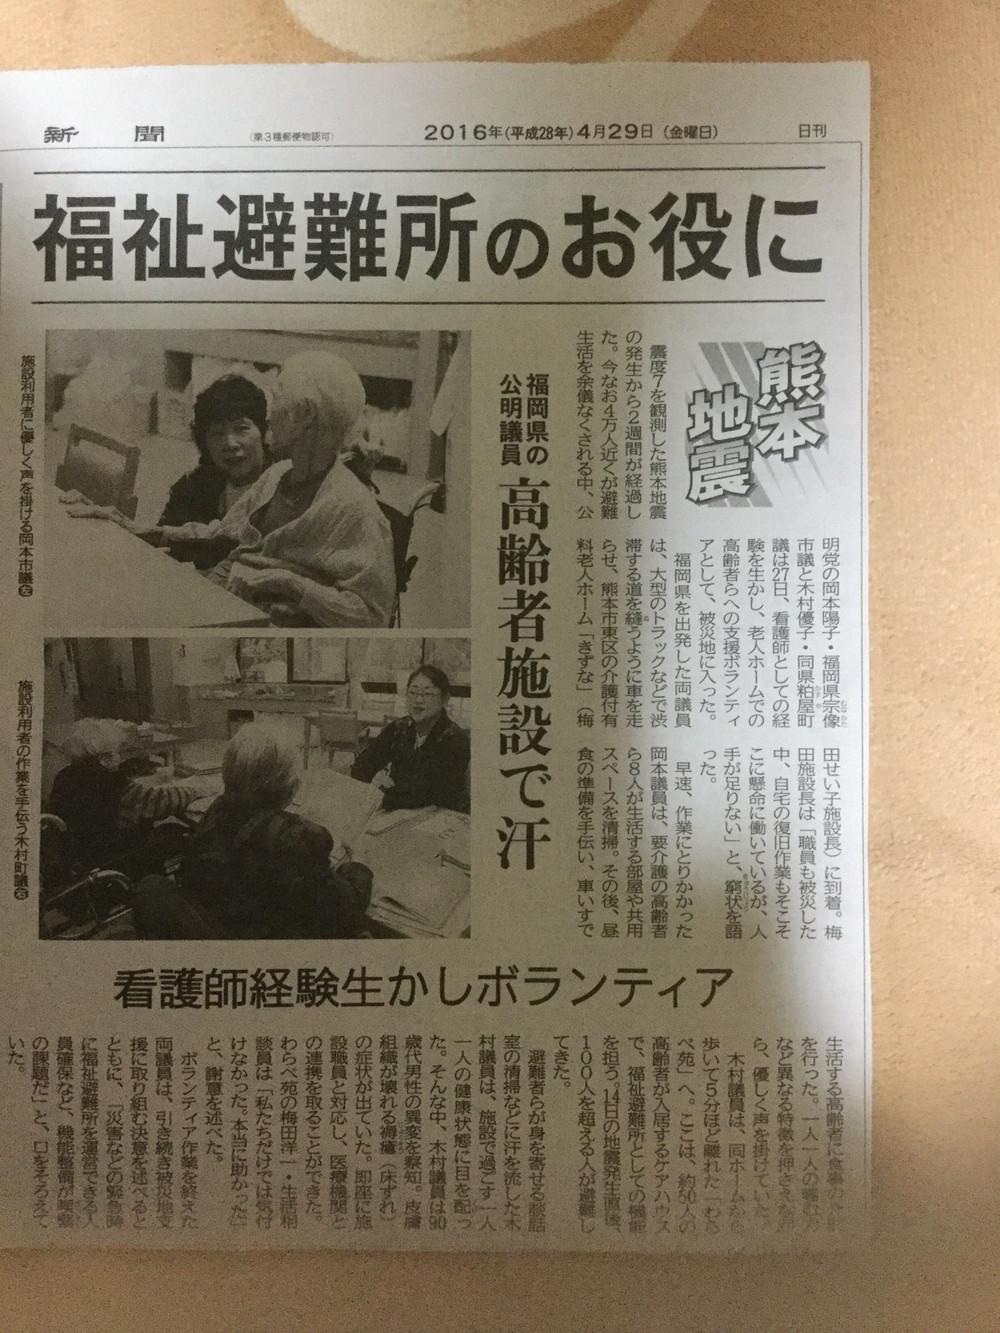 熊本地震、福祉避難所でのボランティア